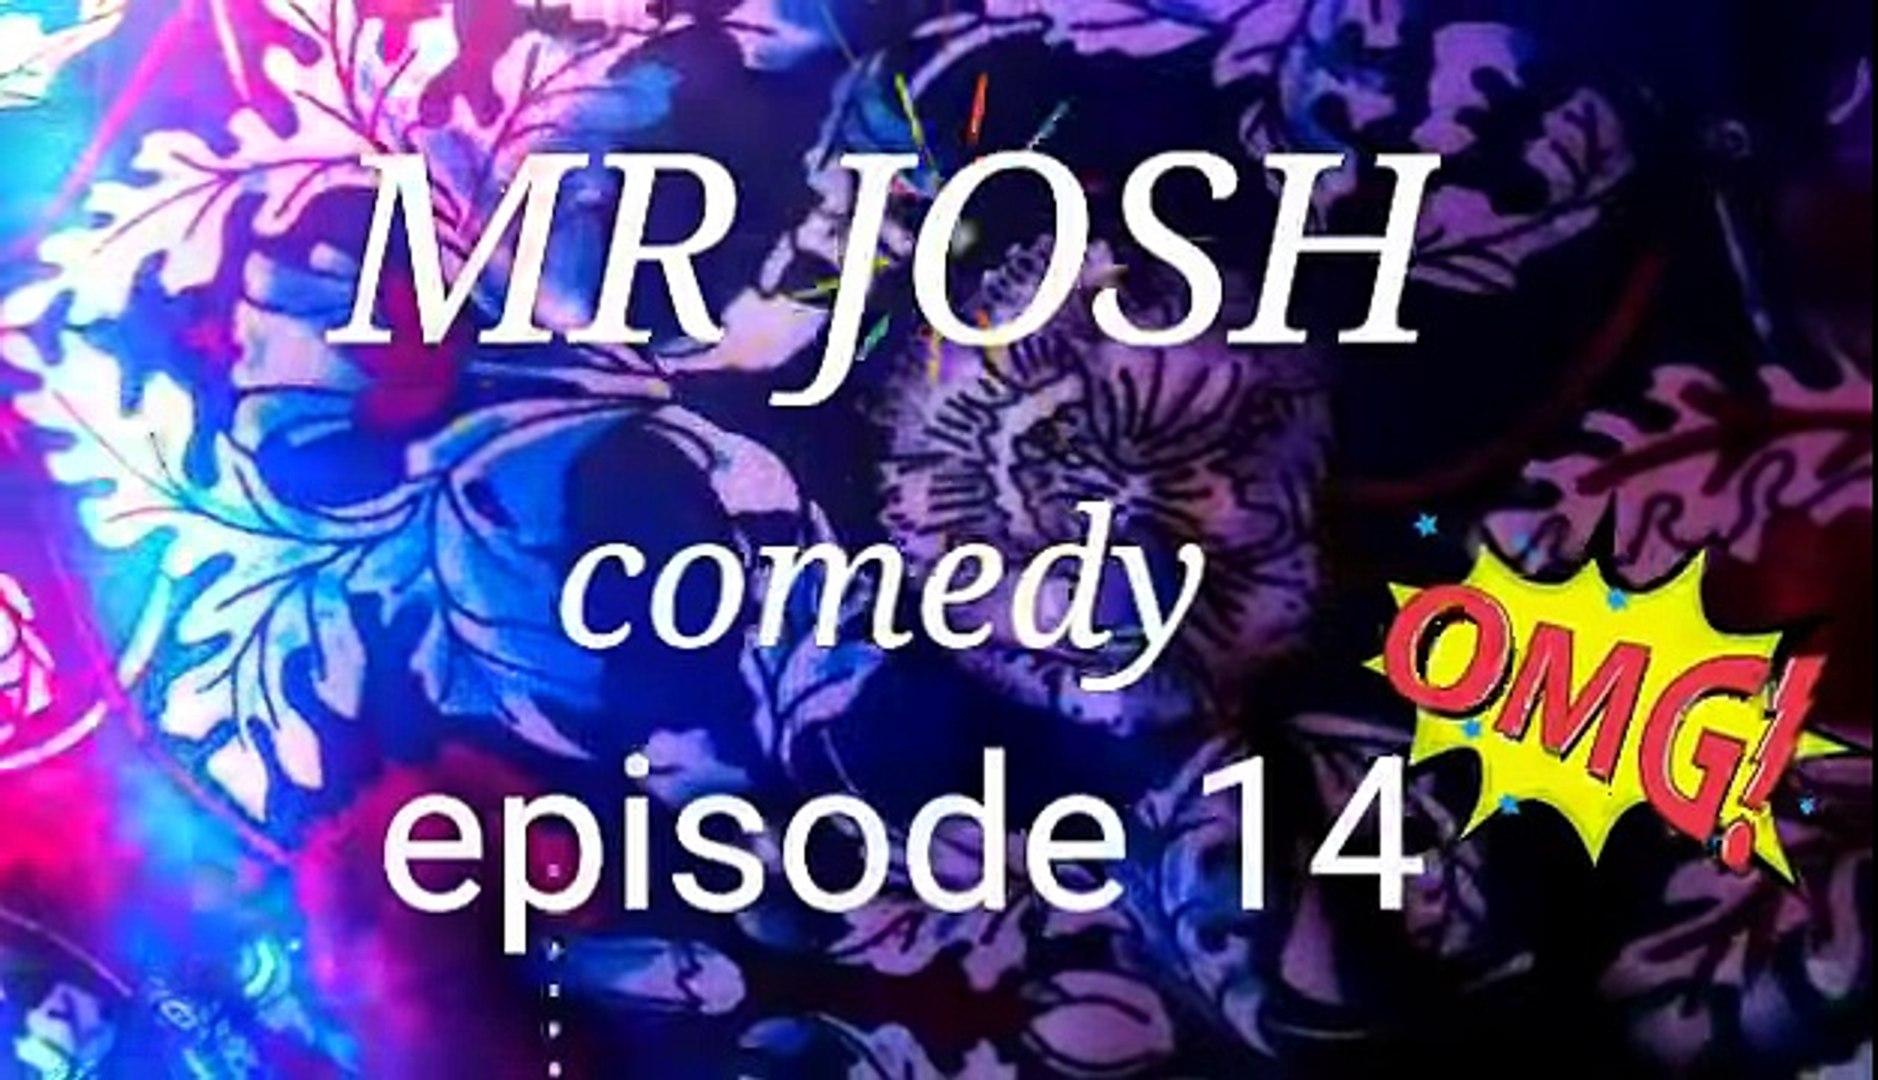 FREE BREAD (COMEDY SKIT) (FUNNY VIDEOS) - Latest 2018 Nigerian Comedy- Comedy Skits